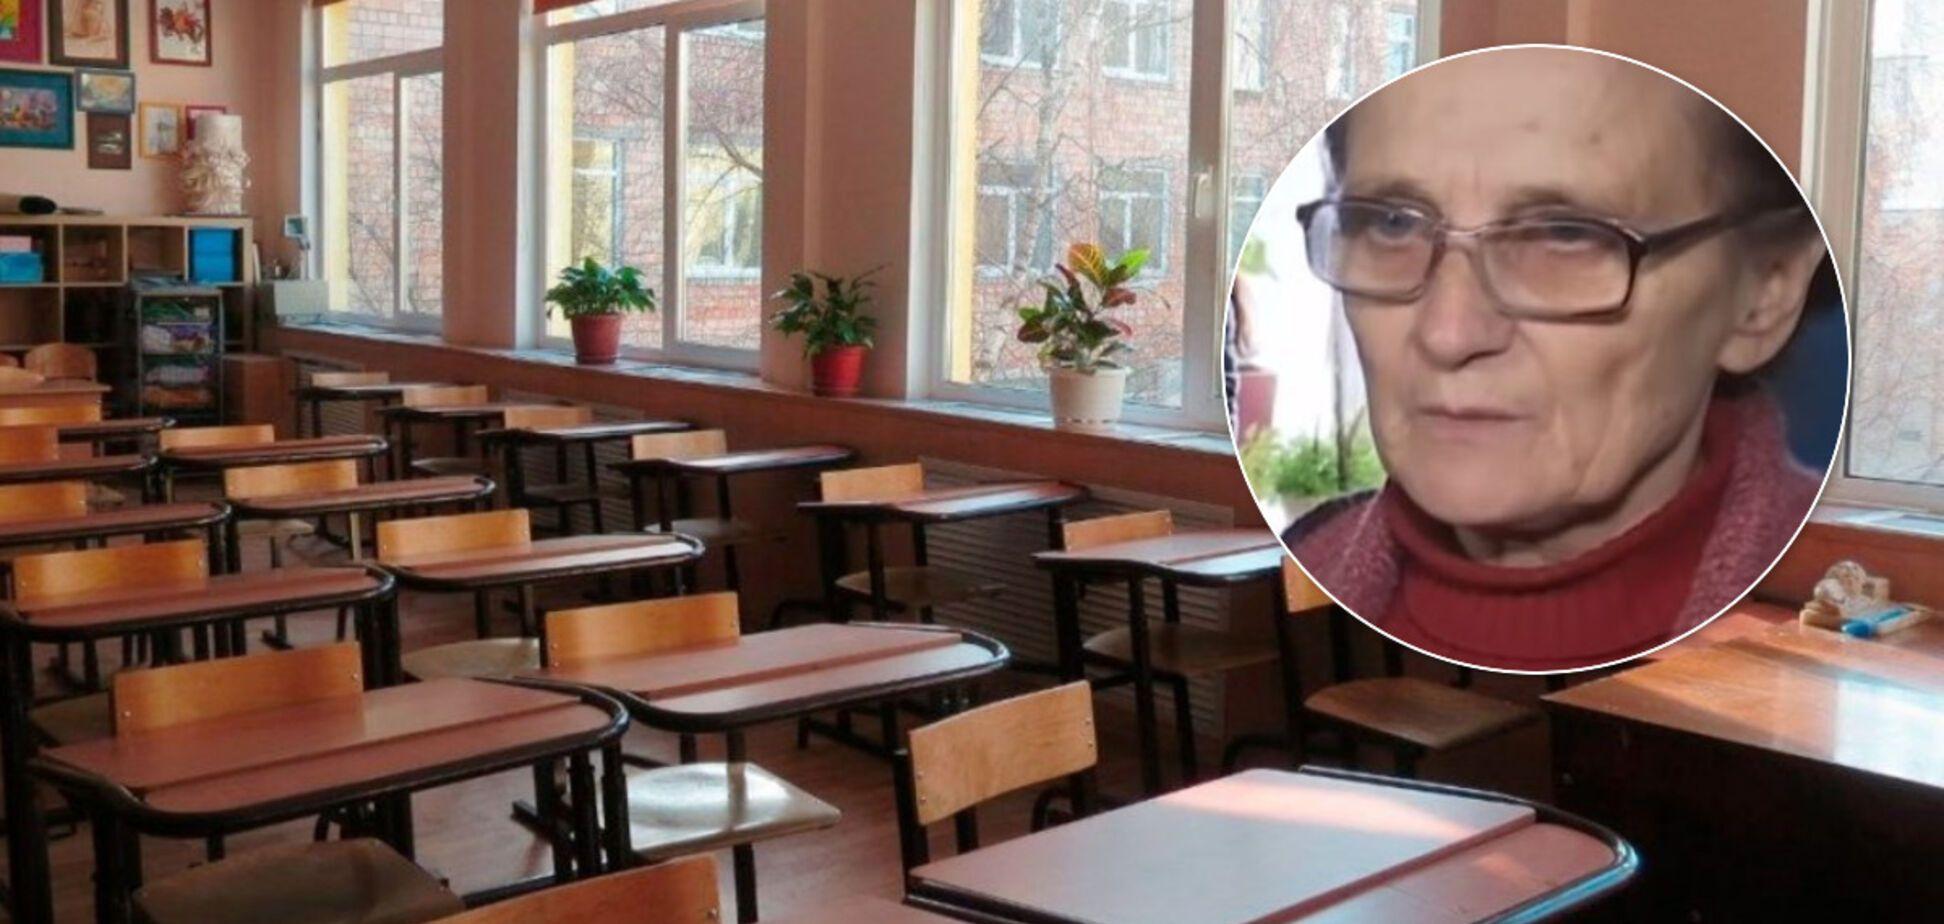 На Сумщині вчительку повернули на роботу після 'захоплення' дітей в заручники. У школі паніка, а влада відмовчується